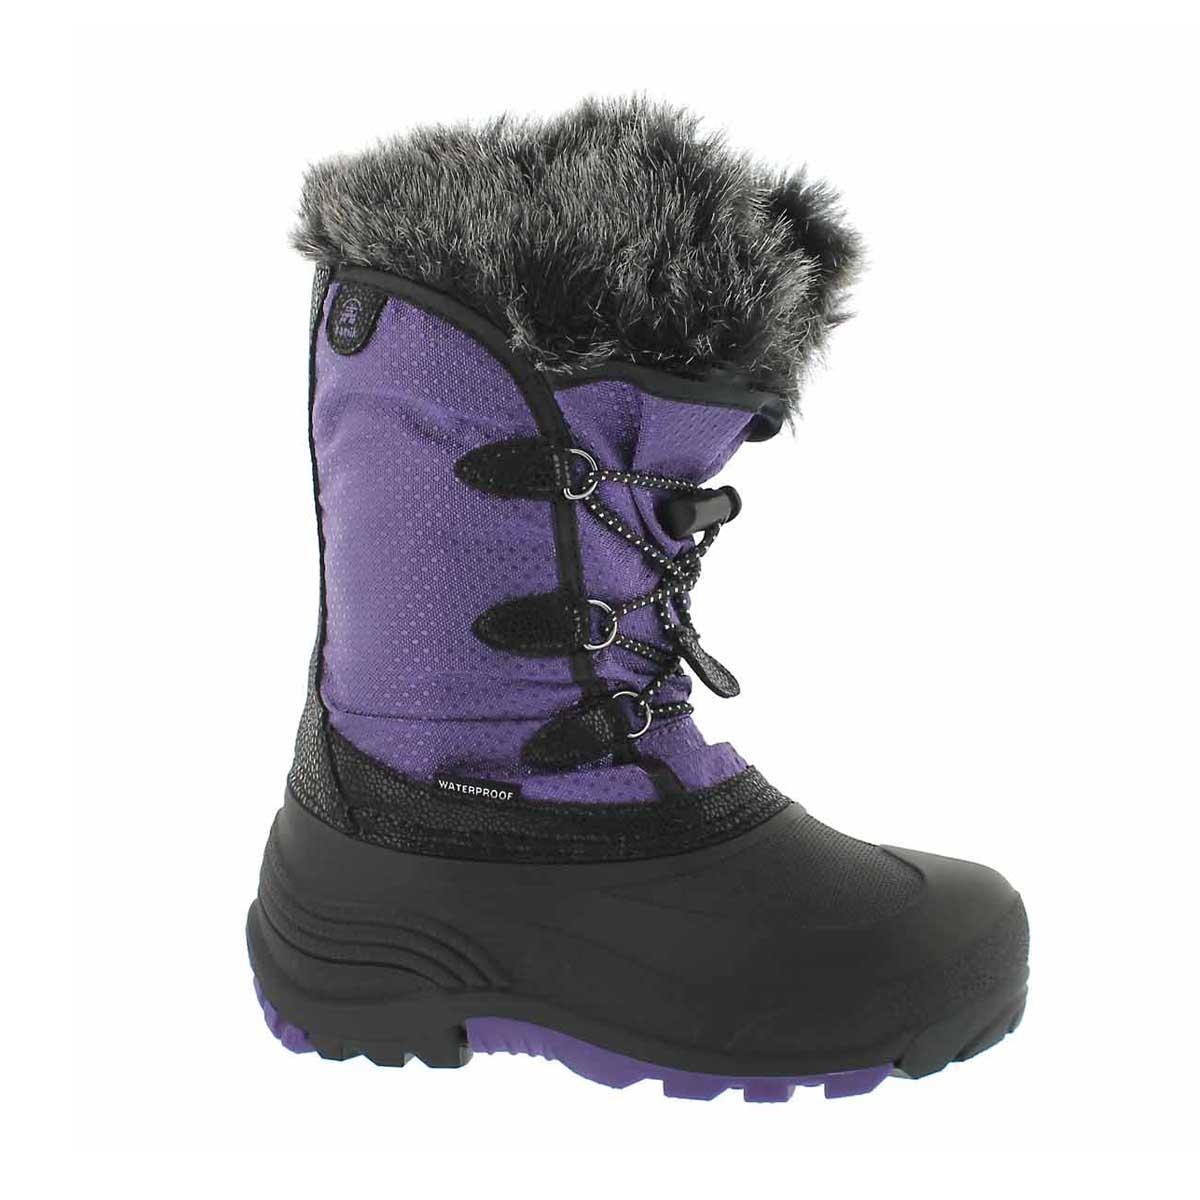 Girls' POWDERY purple waterproof winter boots